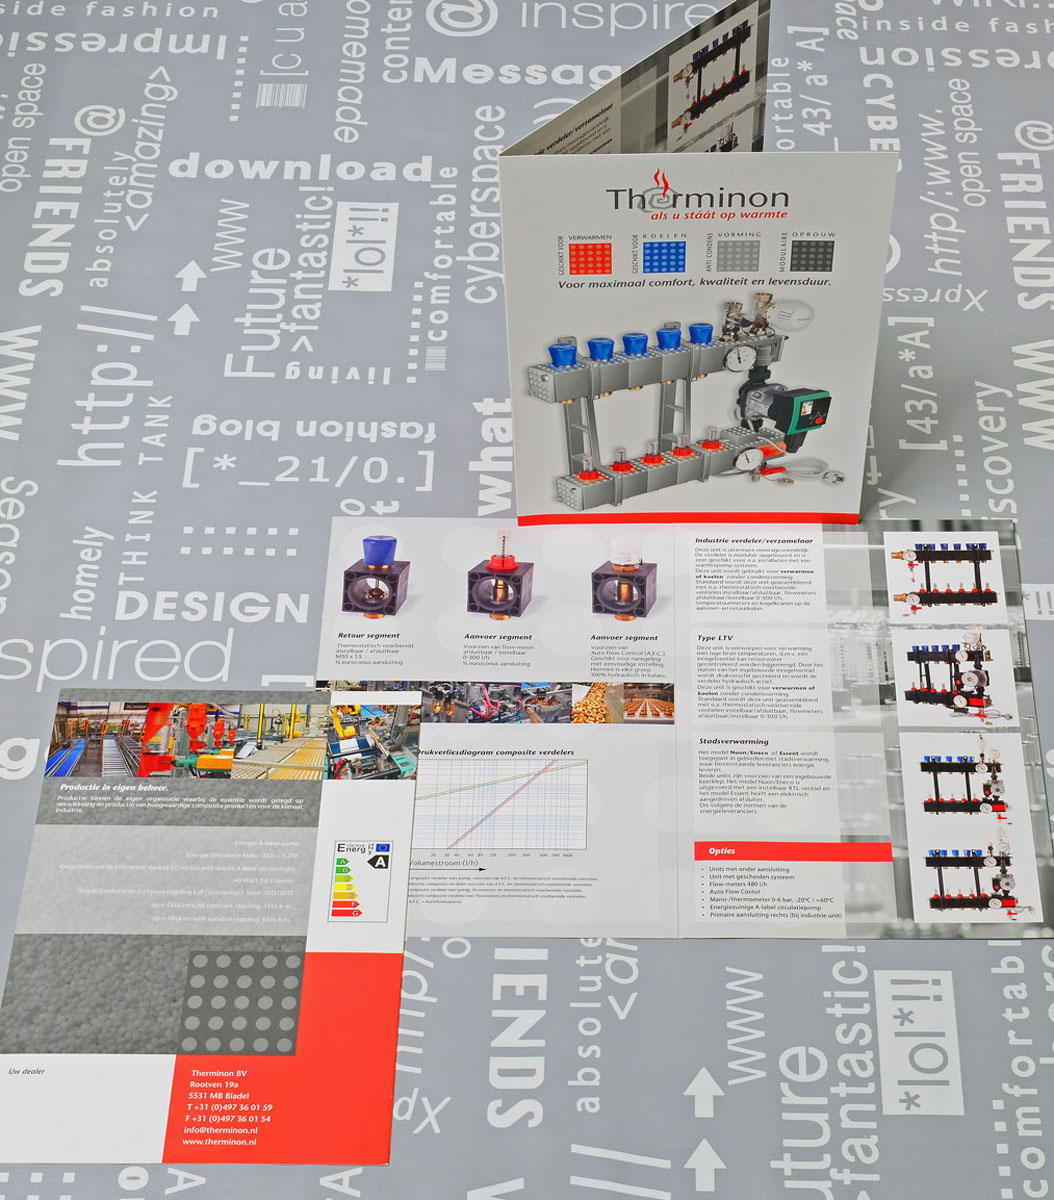 Therminon, reclame, ontwerp, logo, huisstijl, grafische vormgeving, bedrijfsfotografie, DTP, reclame-uiting, brochure, Portfolio